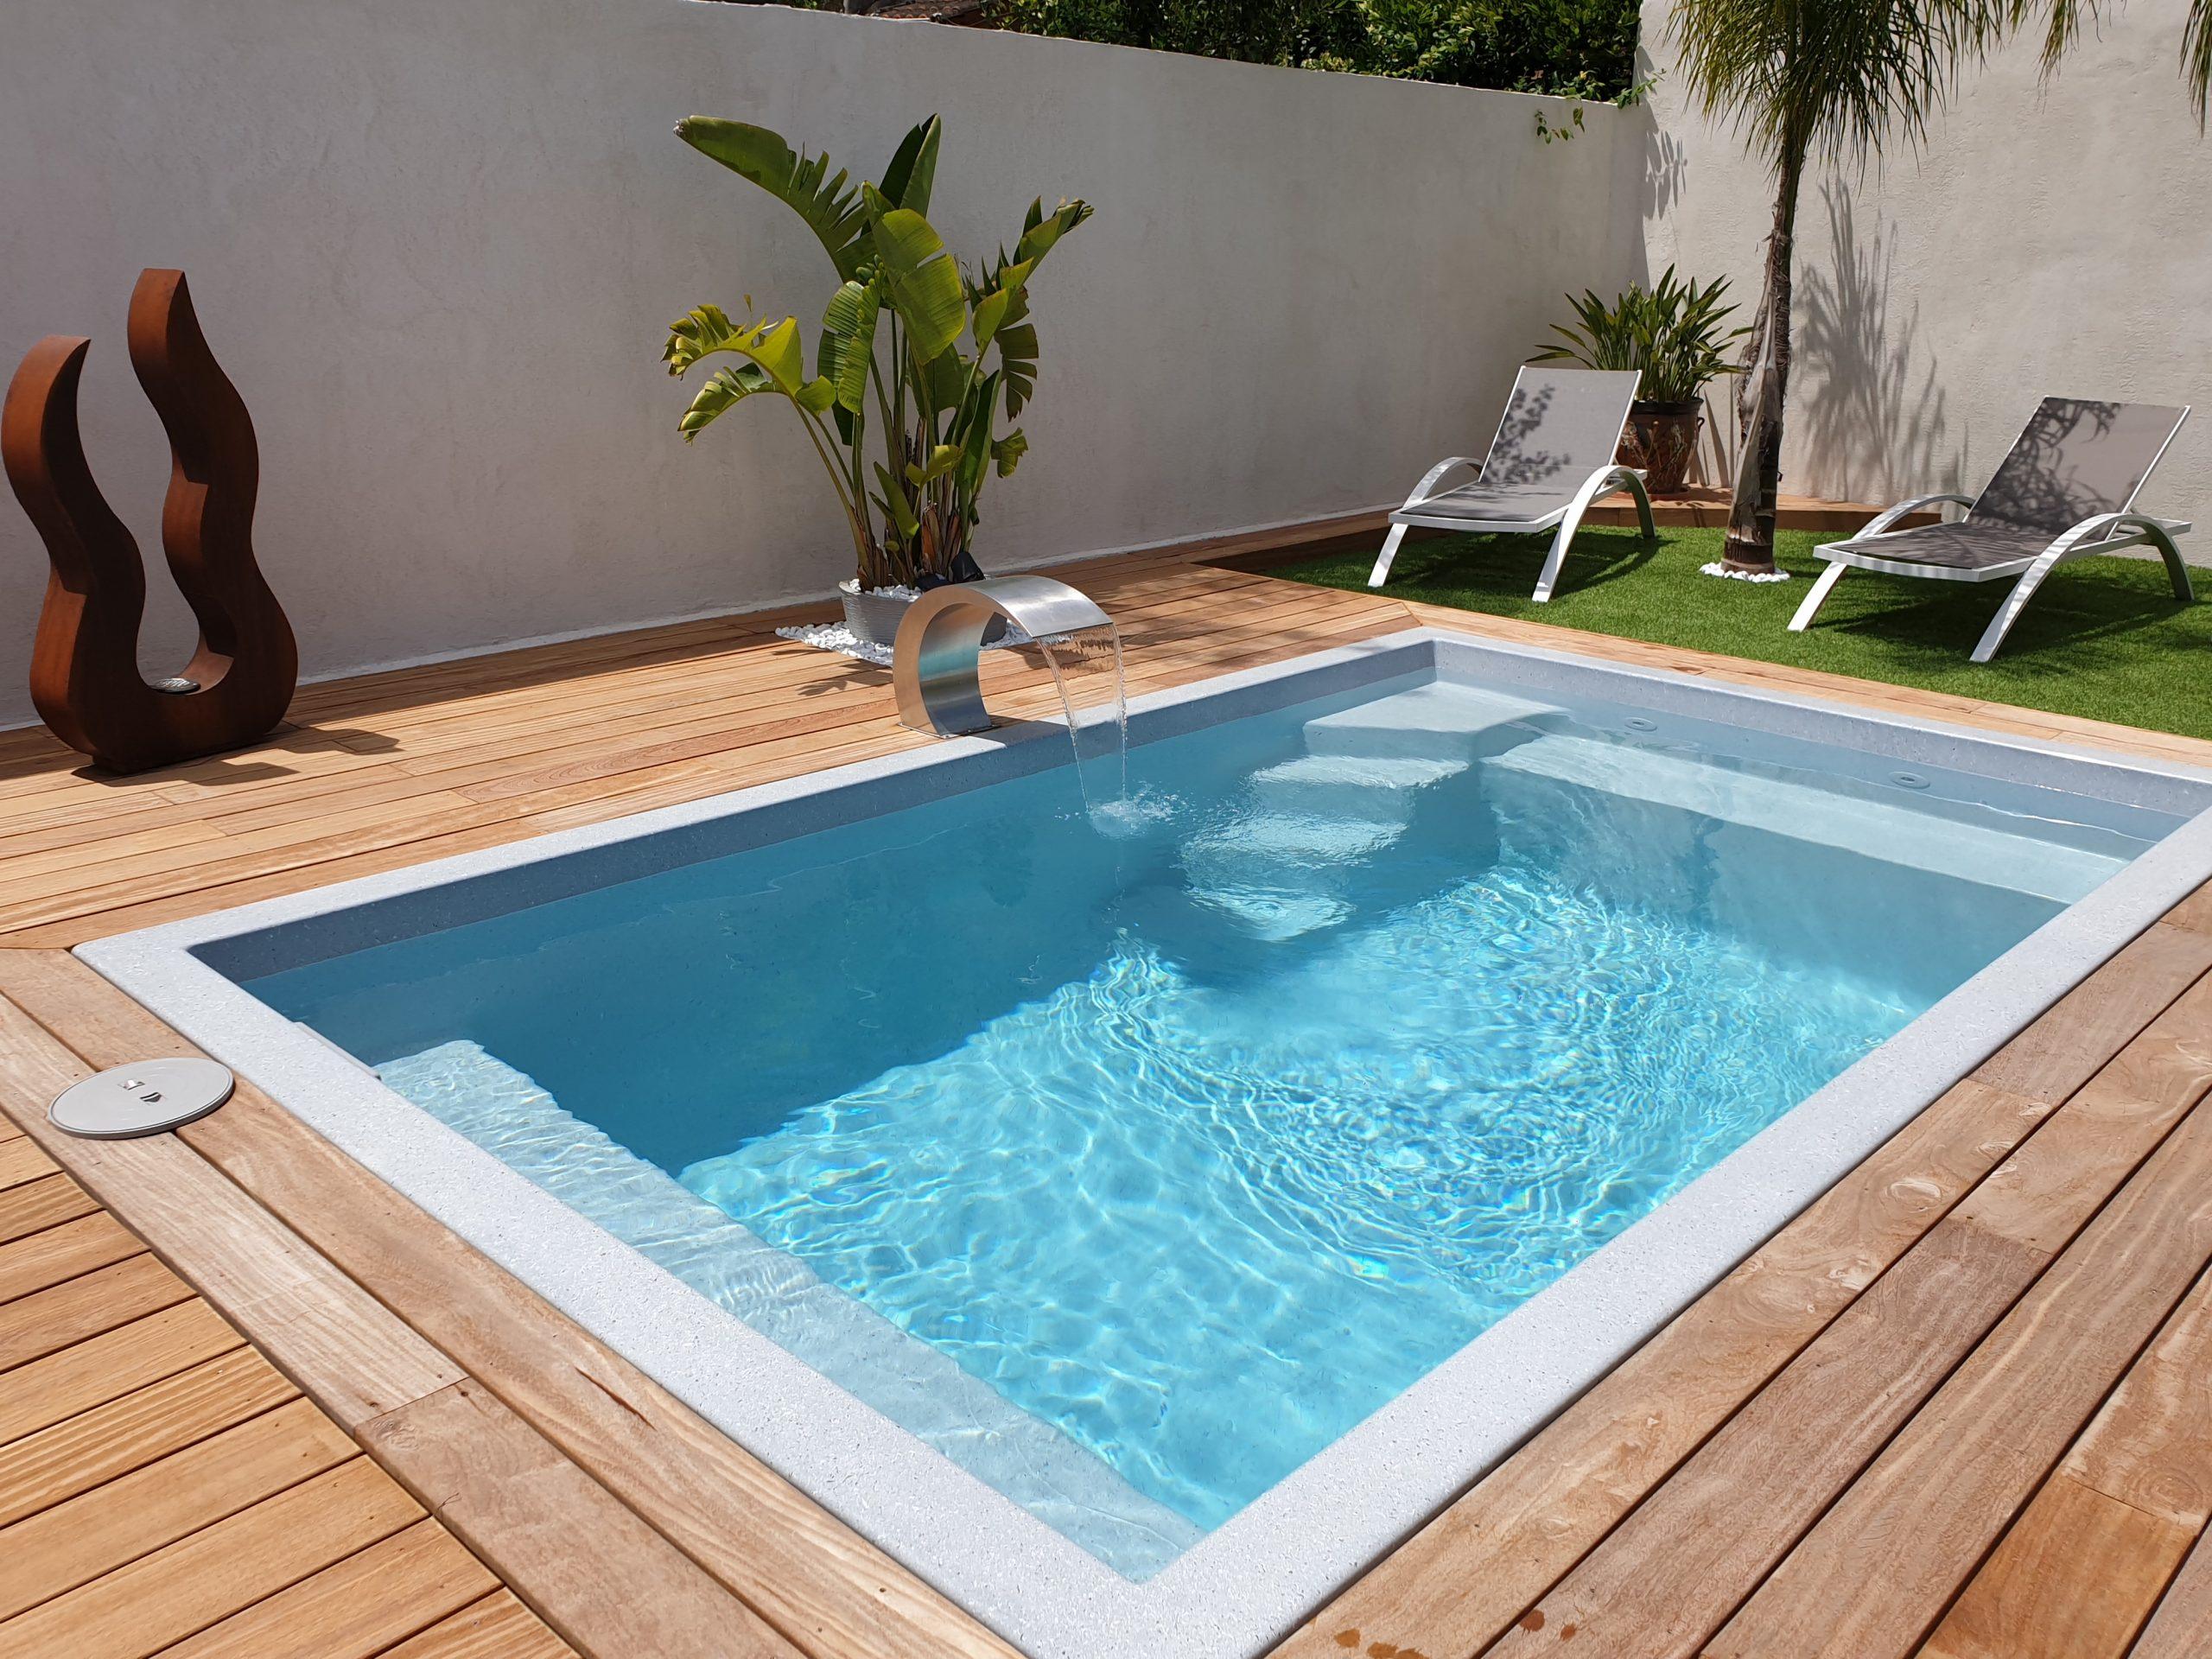 Modèles De Piscines Var - Freedom Pool Spa encequiconcerne Piscine Freedom